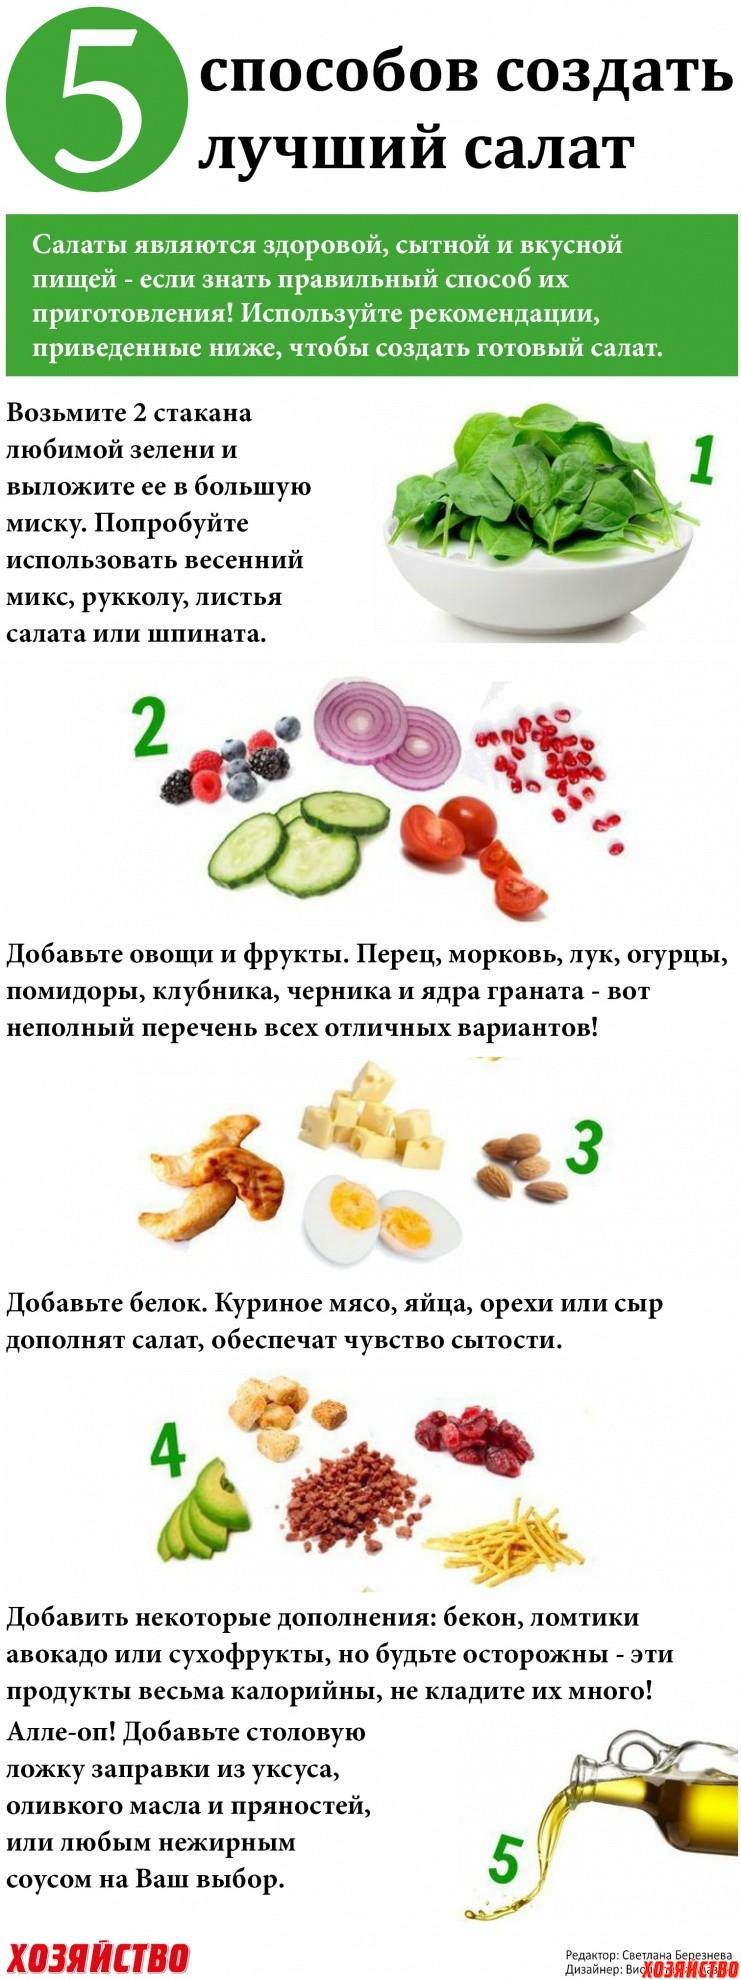 5 способов создать салат.jpg